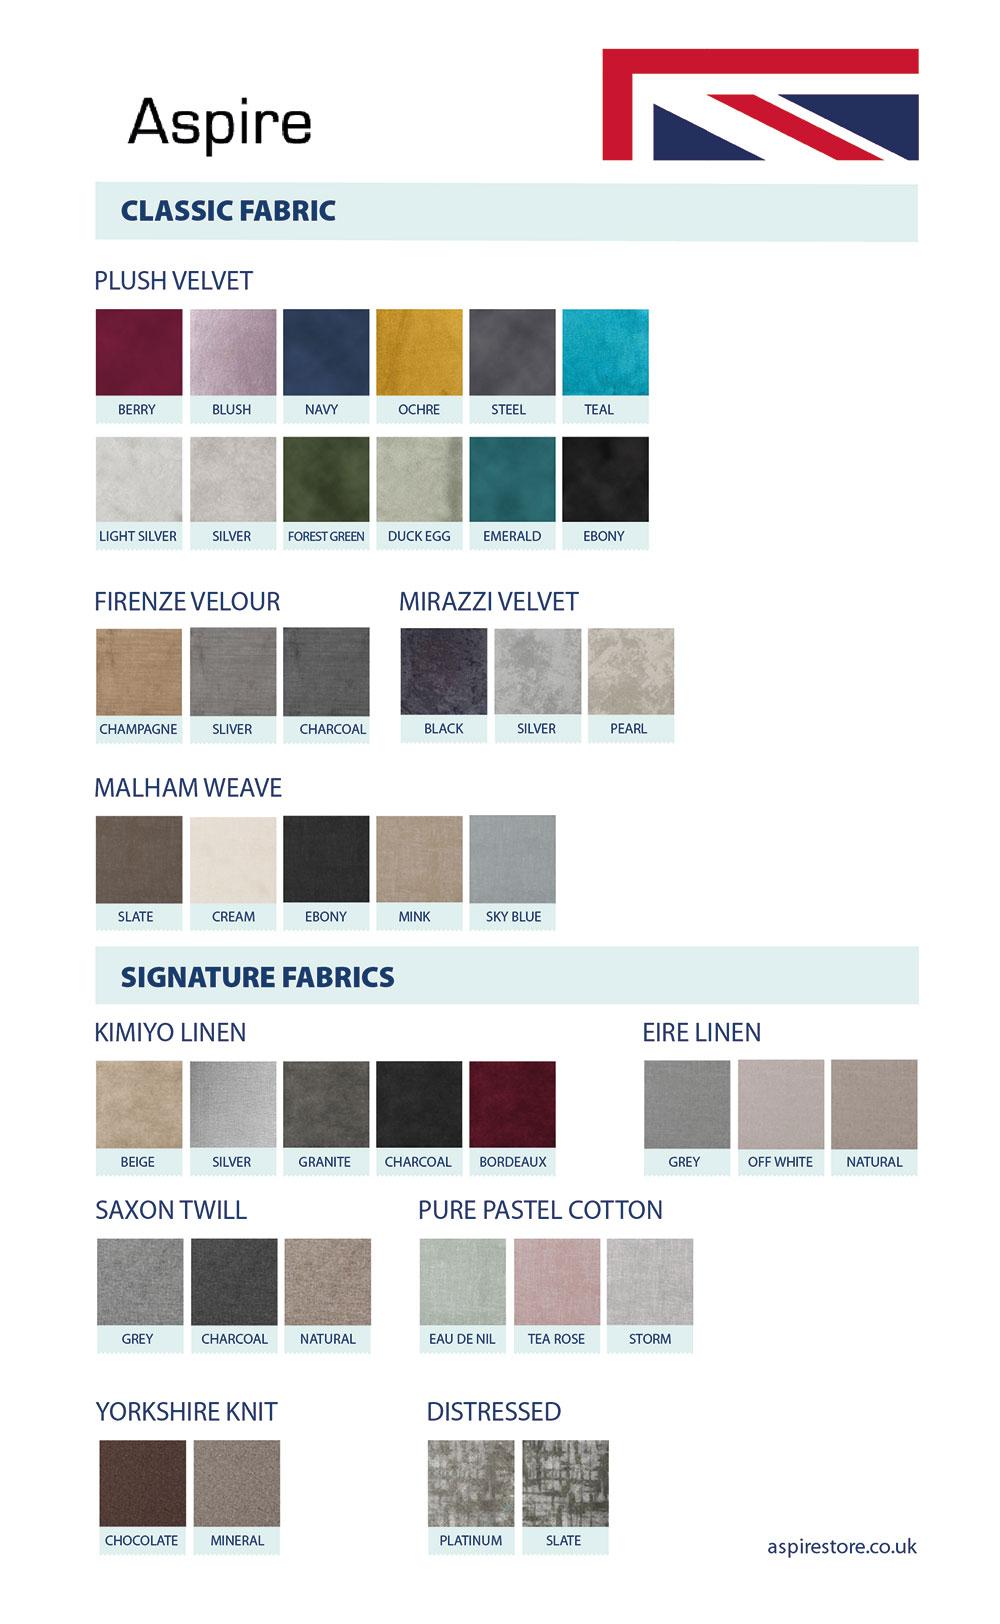 Aspire-fabric-chart-new.jpg